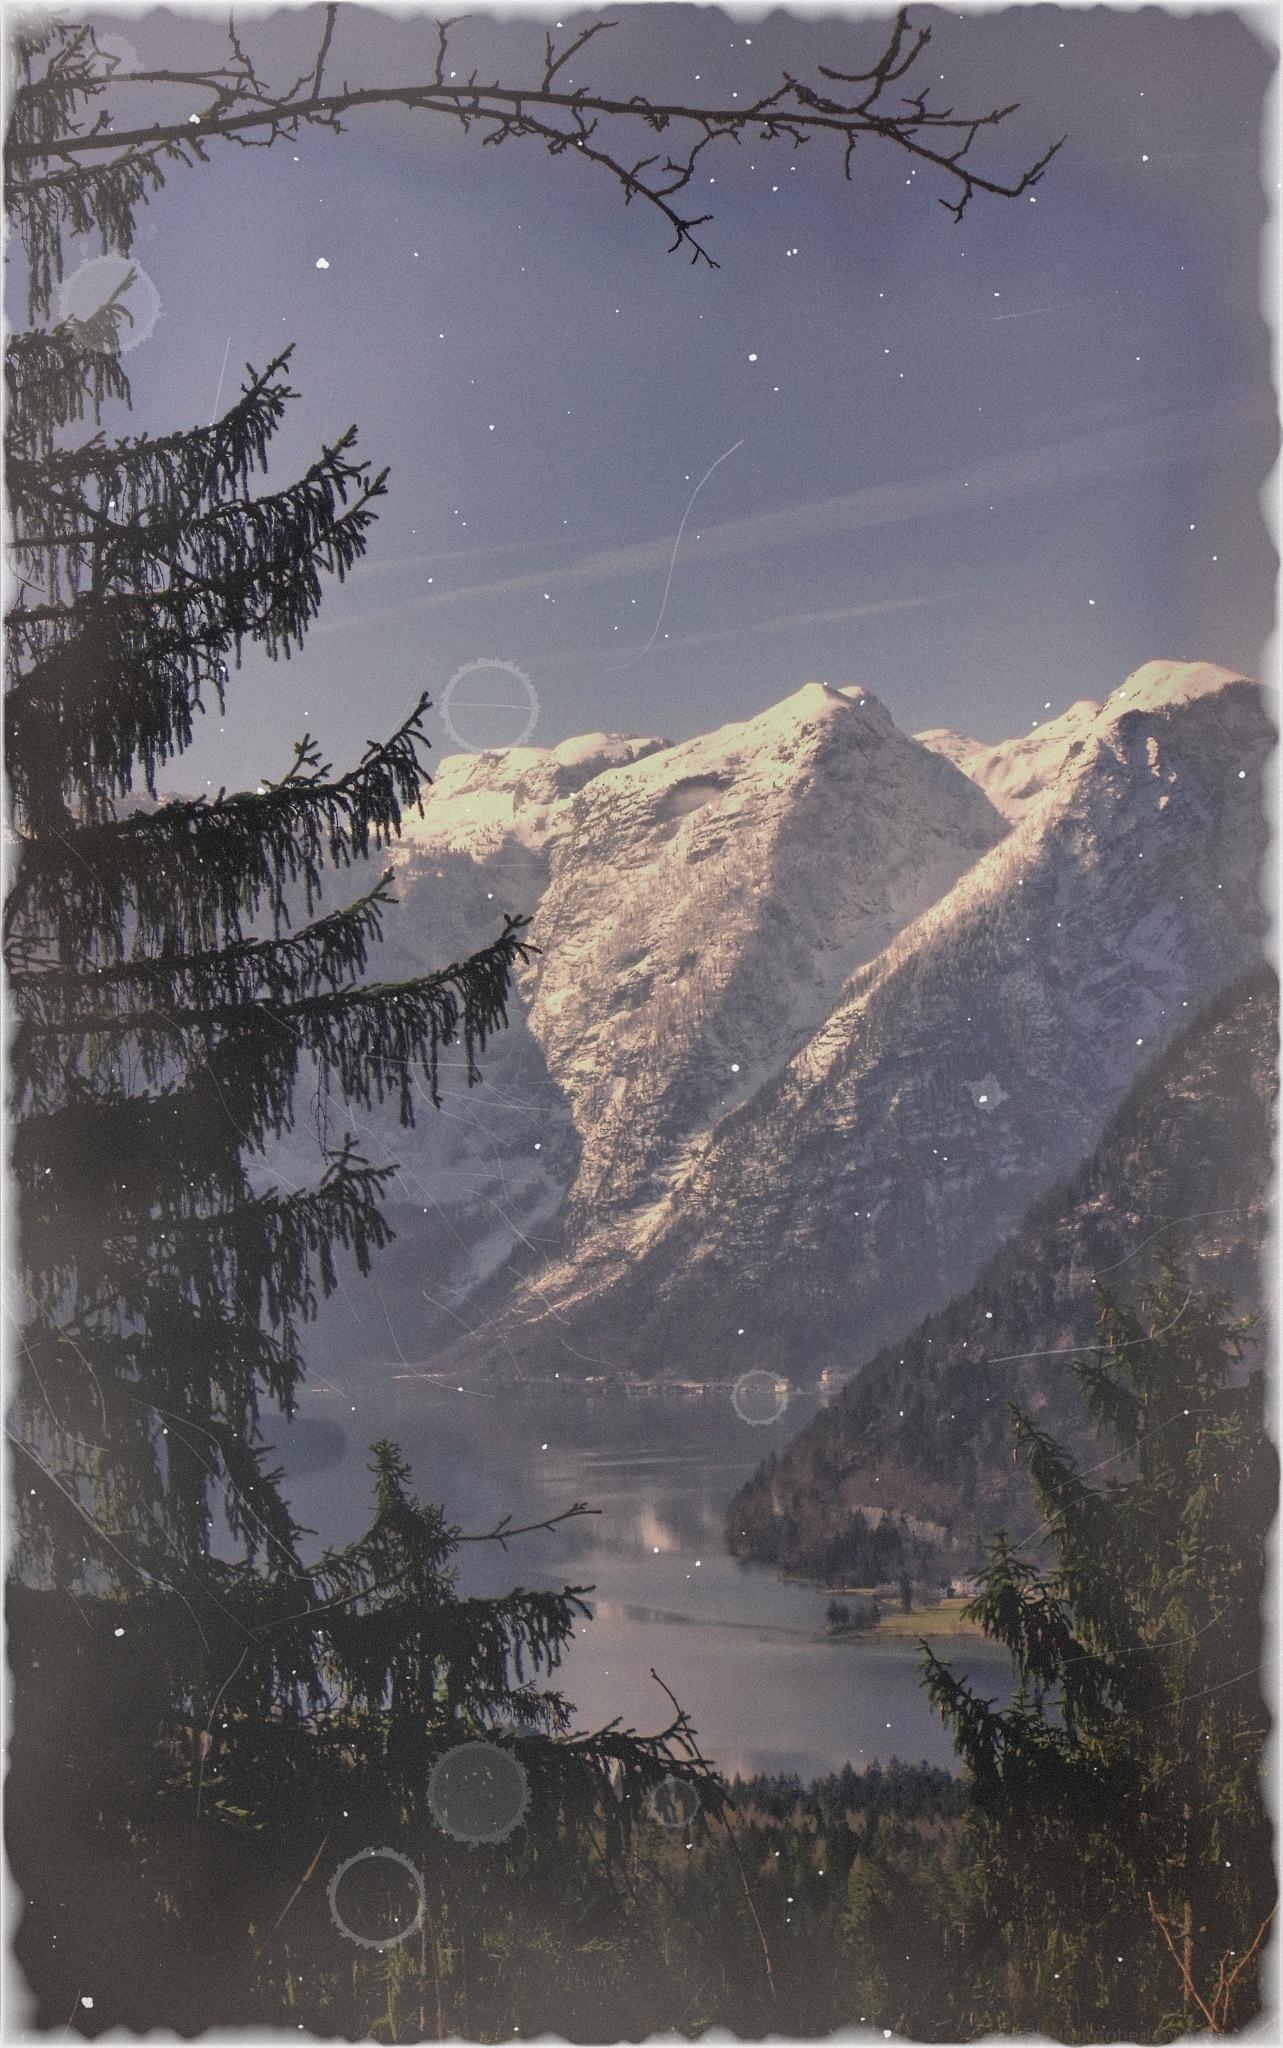 Hallstättersee und Hallstatt mountains by Imre Lakat